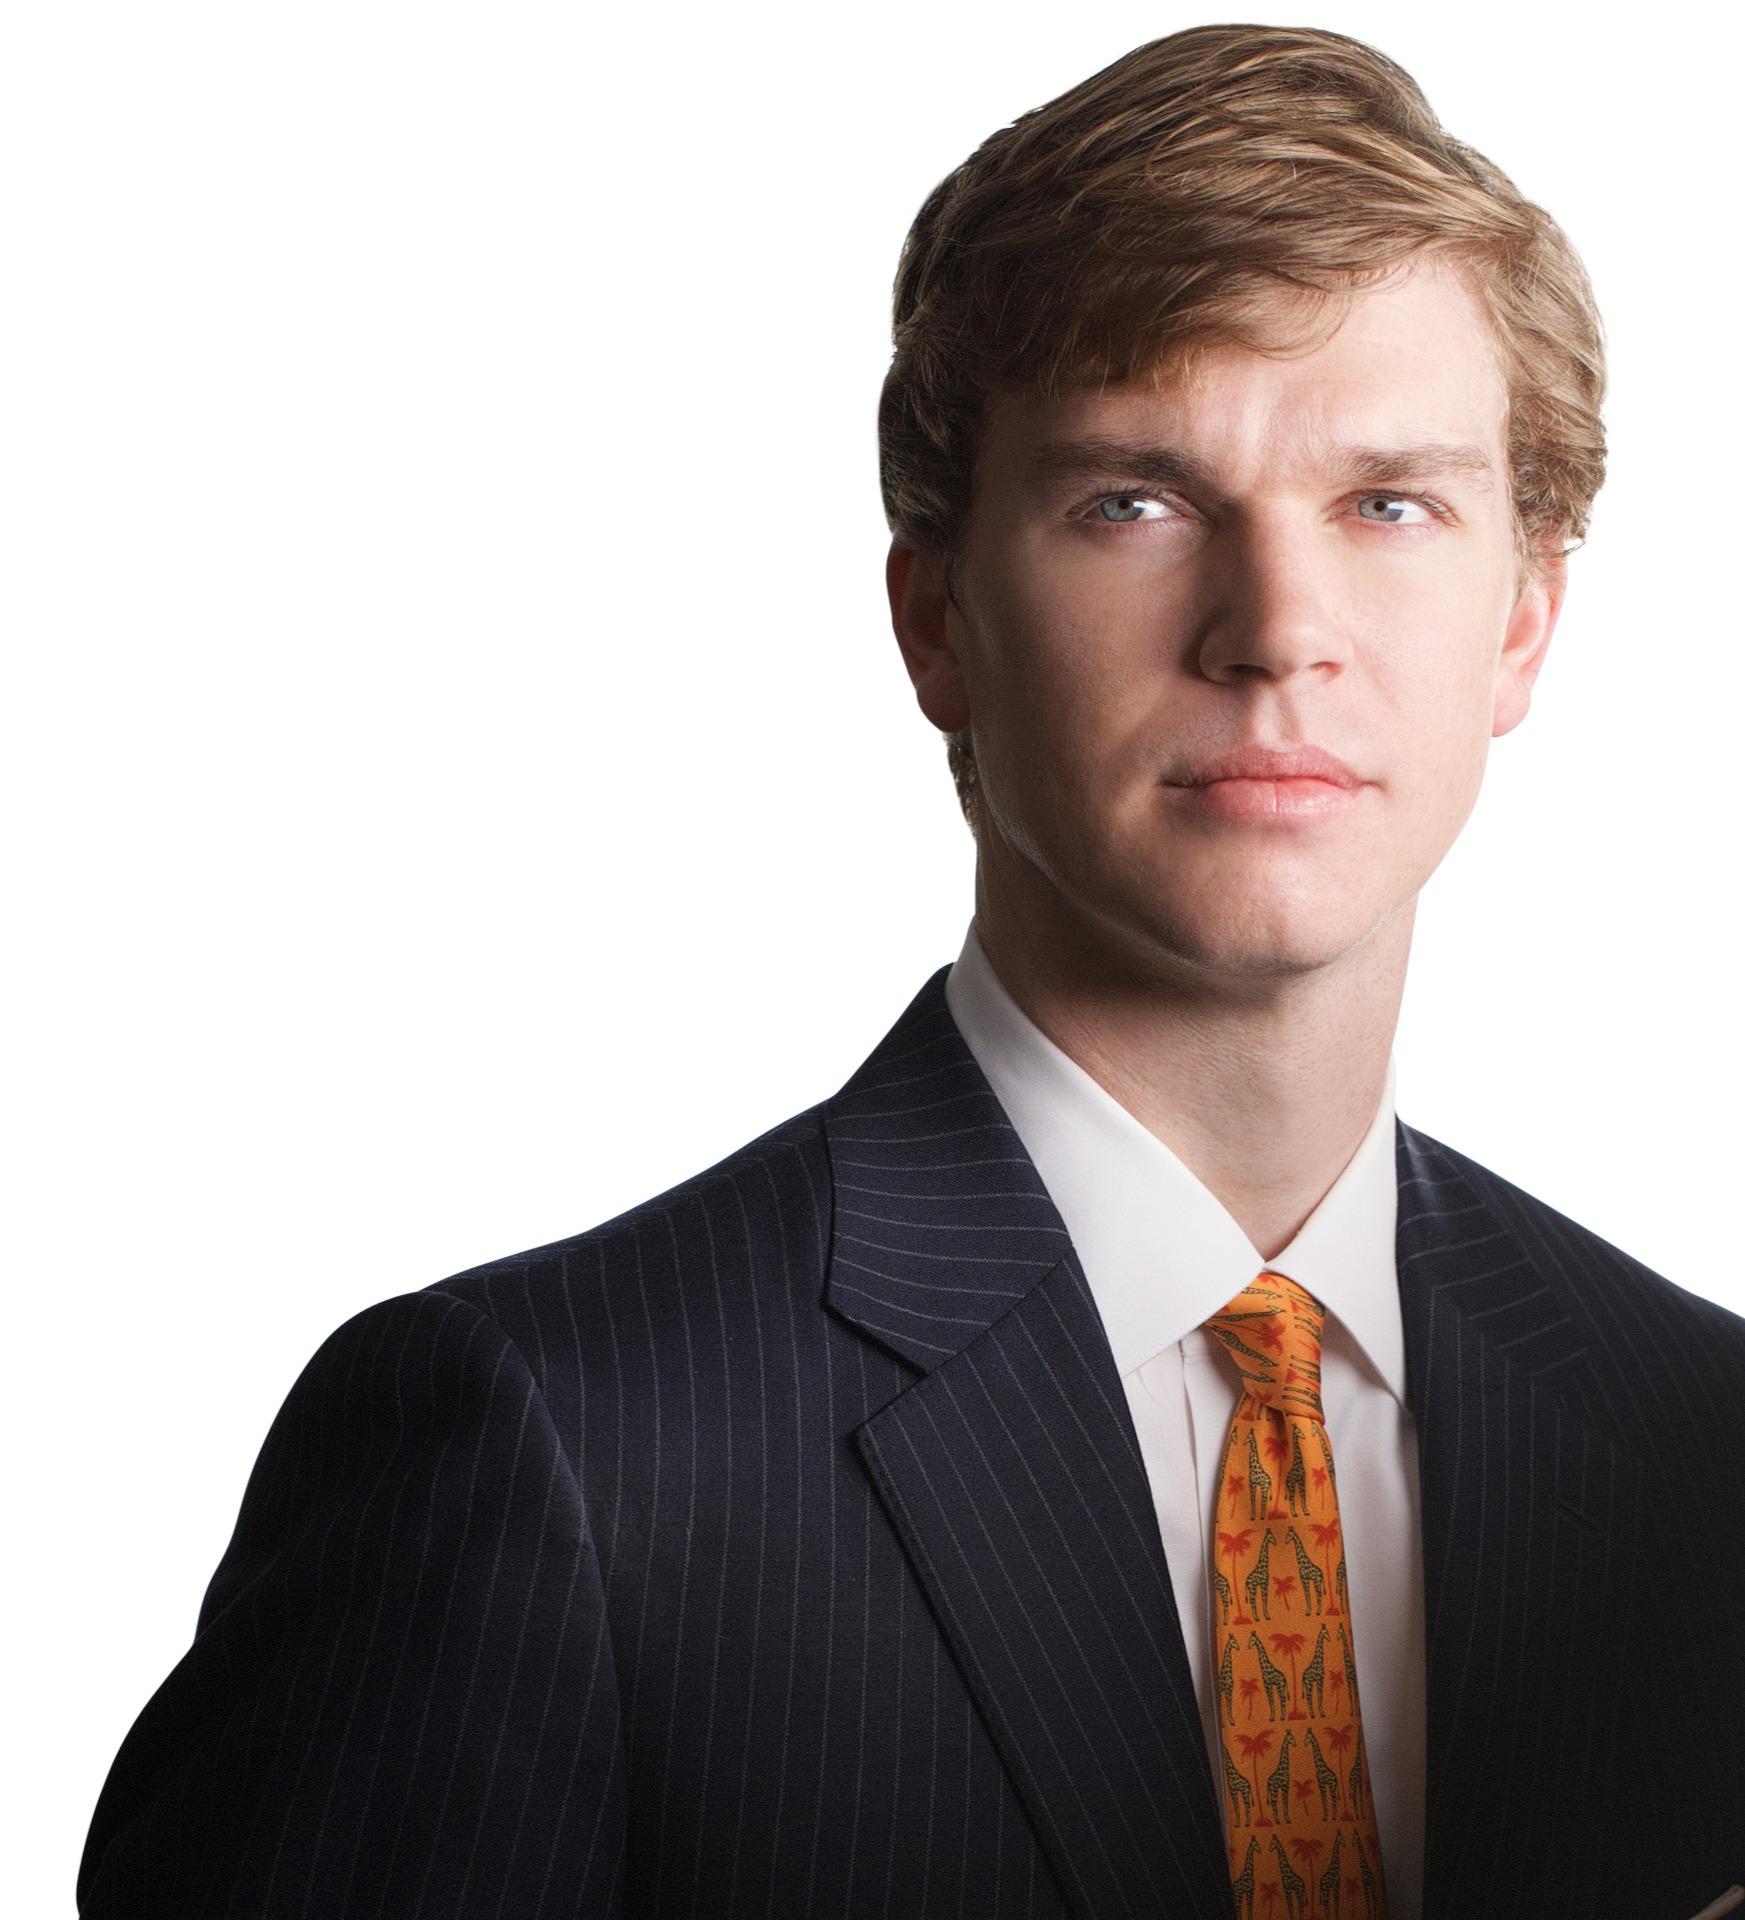 Sawyer D. Duncan's Profile Image